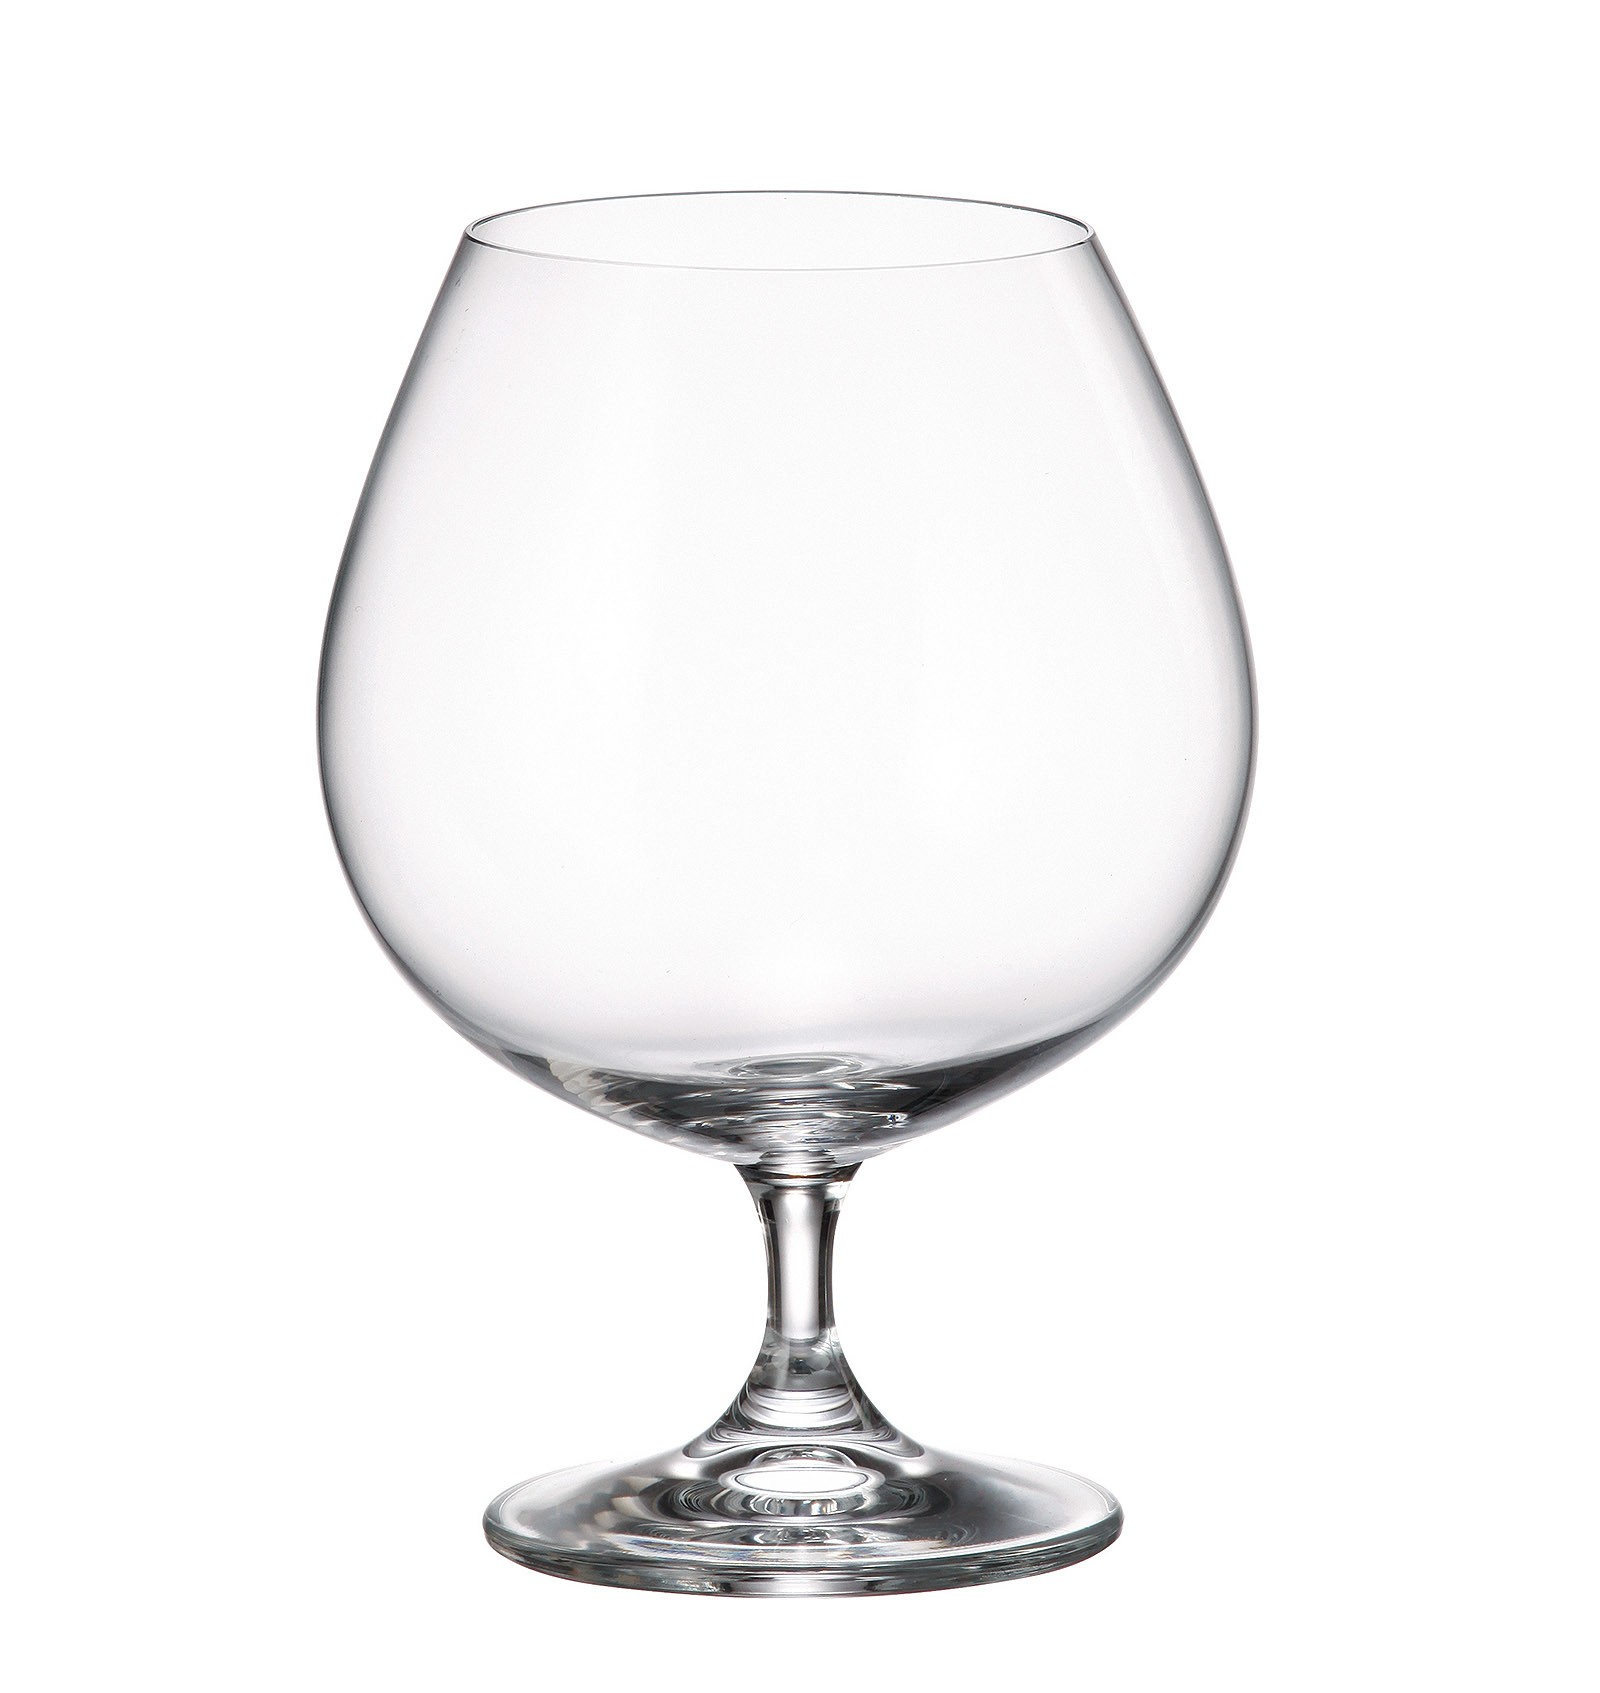 Ποτήρι Κονιάκ Colibri Σετ 6Τμχ Κρυστάλλινο 690ml Bohemia home   ειδη σερβιρισματος   ποτήρια